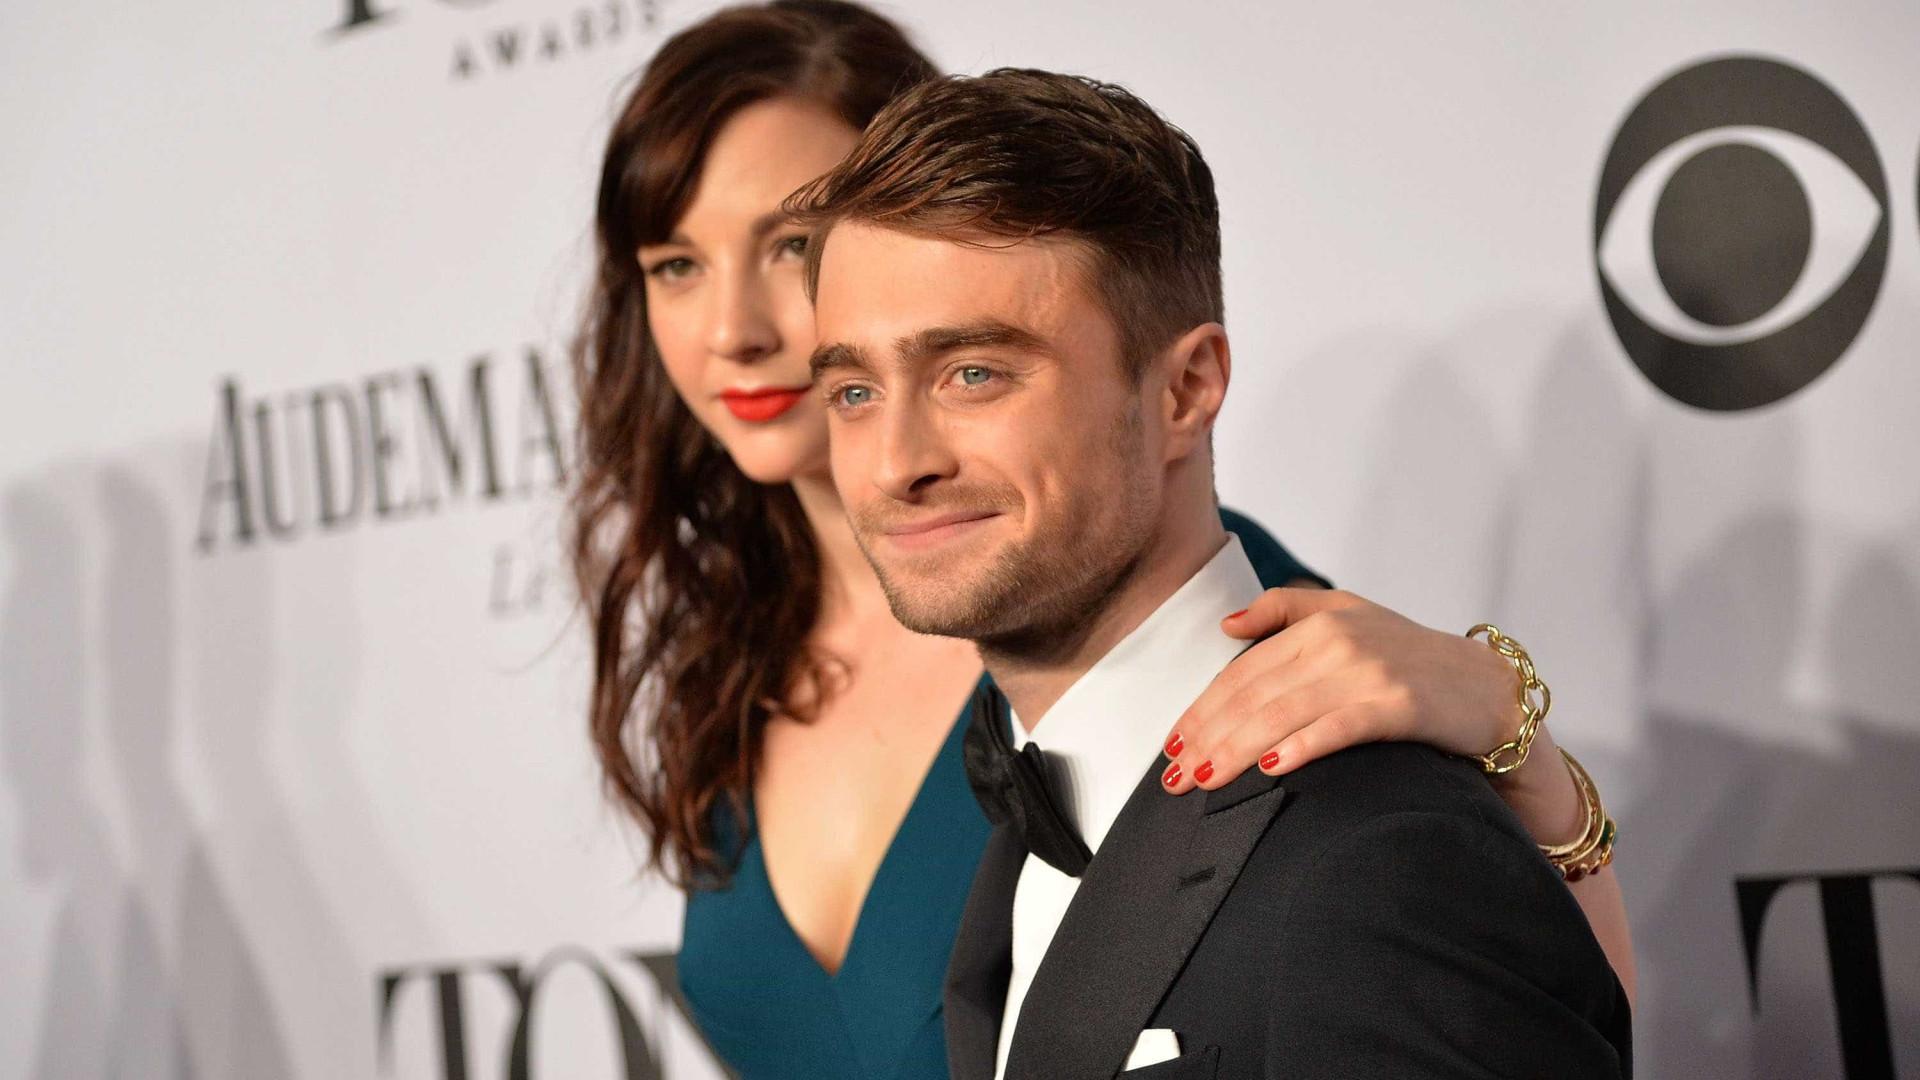 Daniel Radcliffe revela que conheceu namorada durante cena de sexo